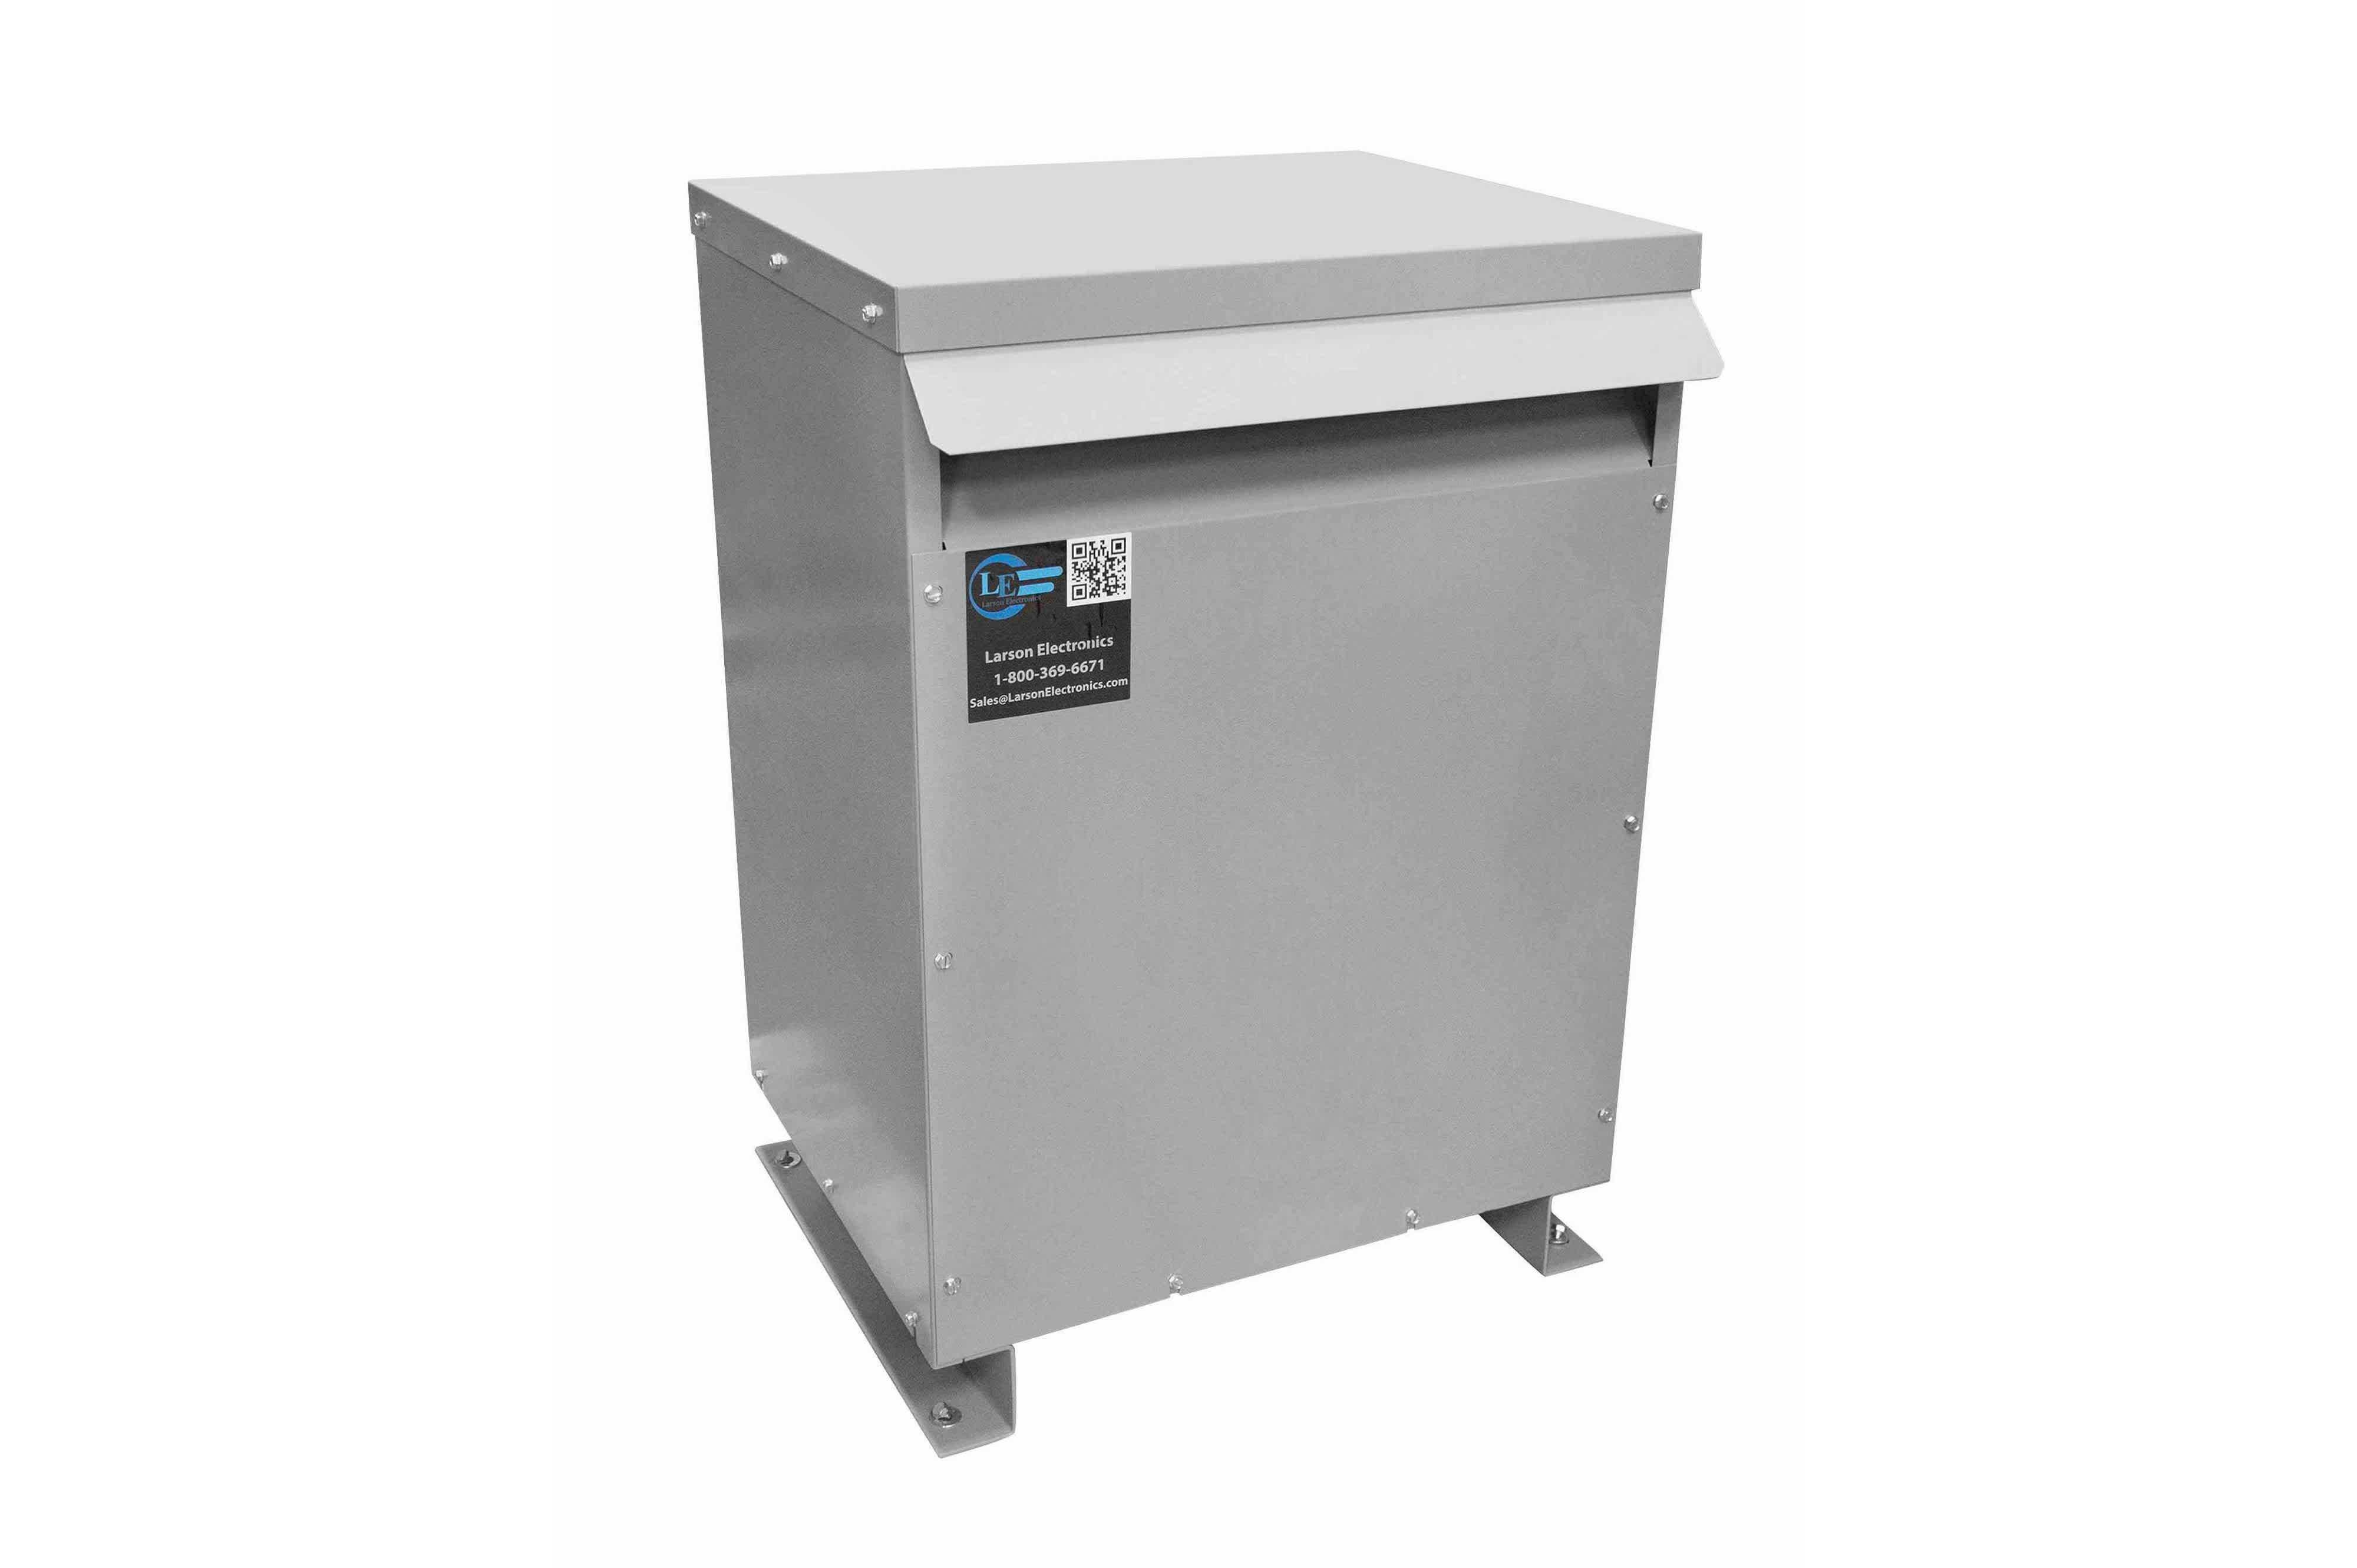 225 kVA 3PH Isolation Transformer, 480V Delta Primary, 575V Delta Secondary, N3R, Ventilated, 60 Hz